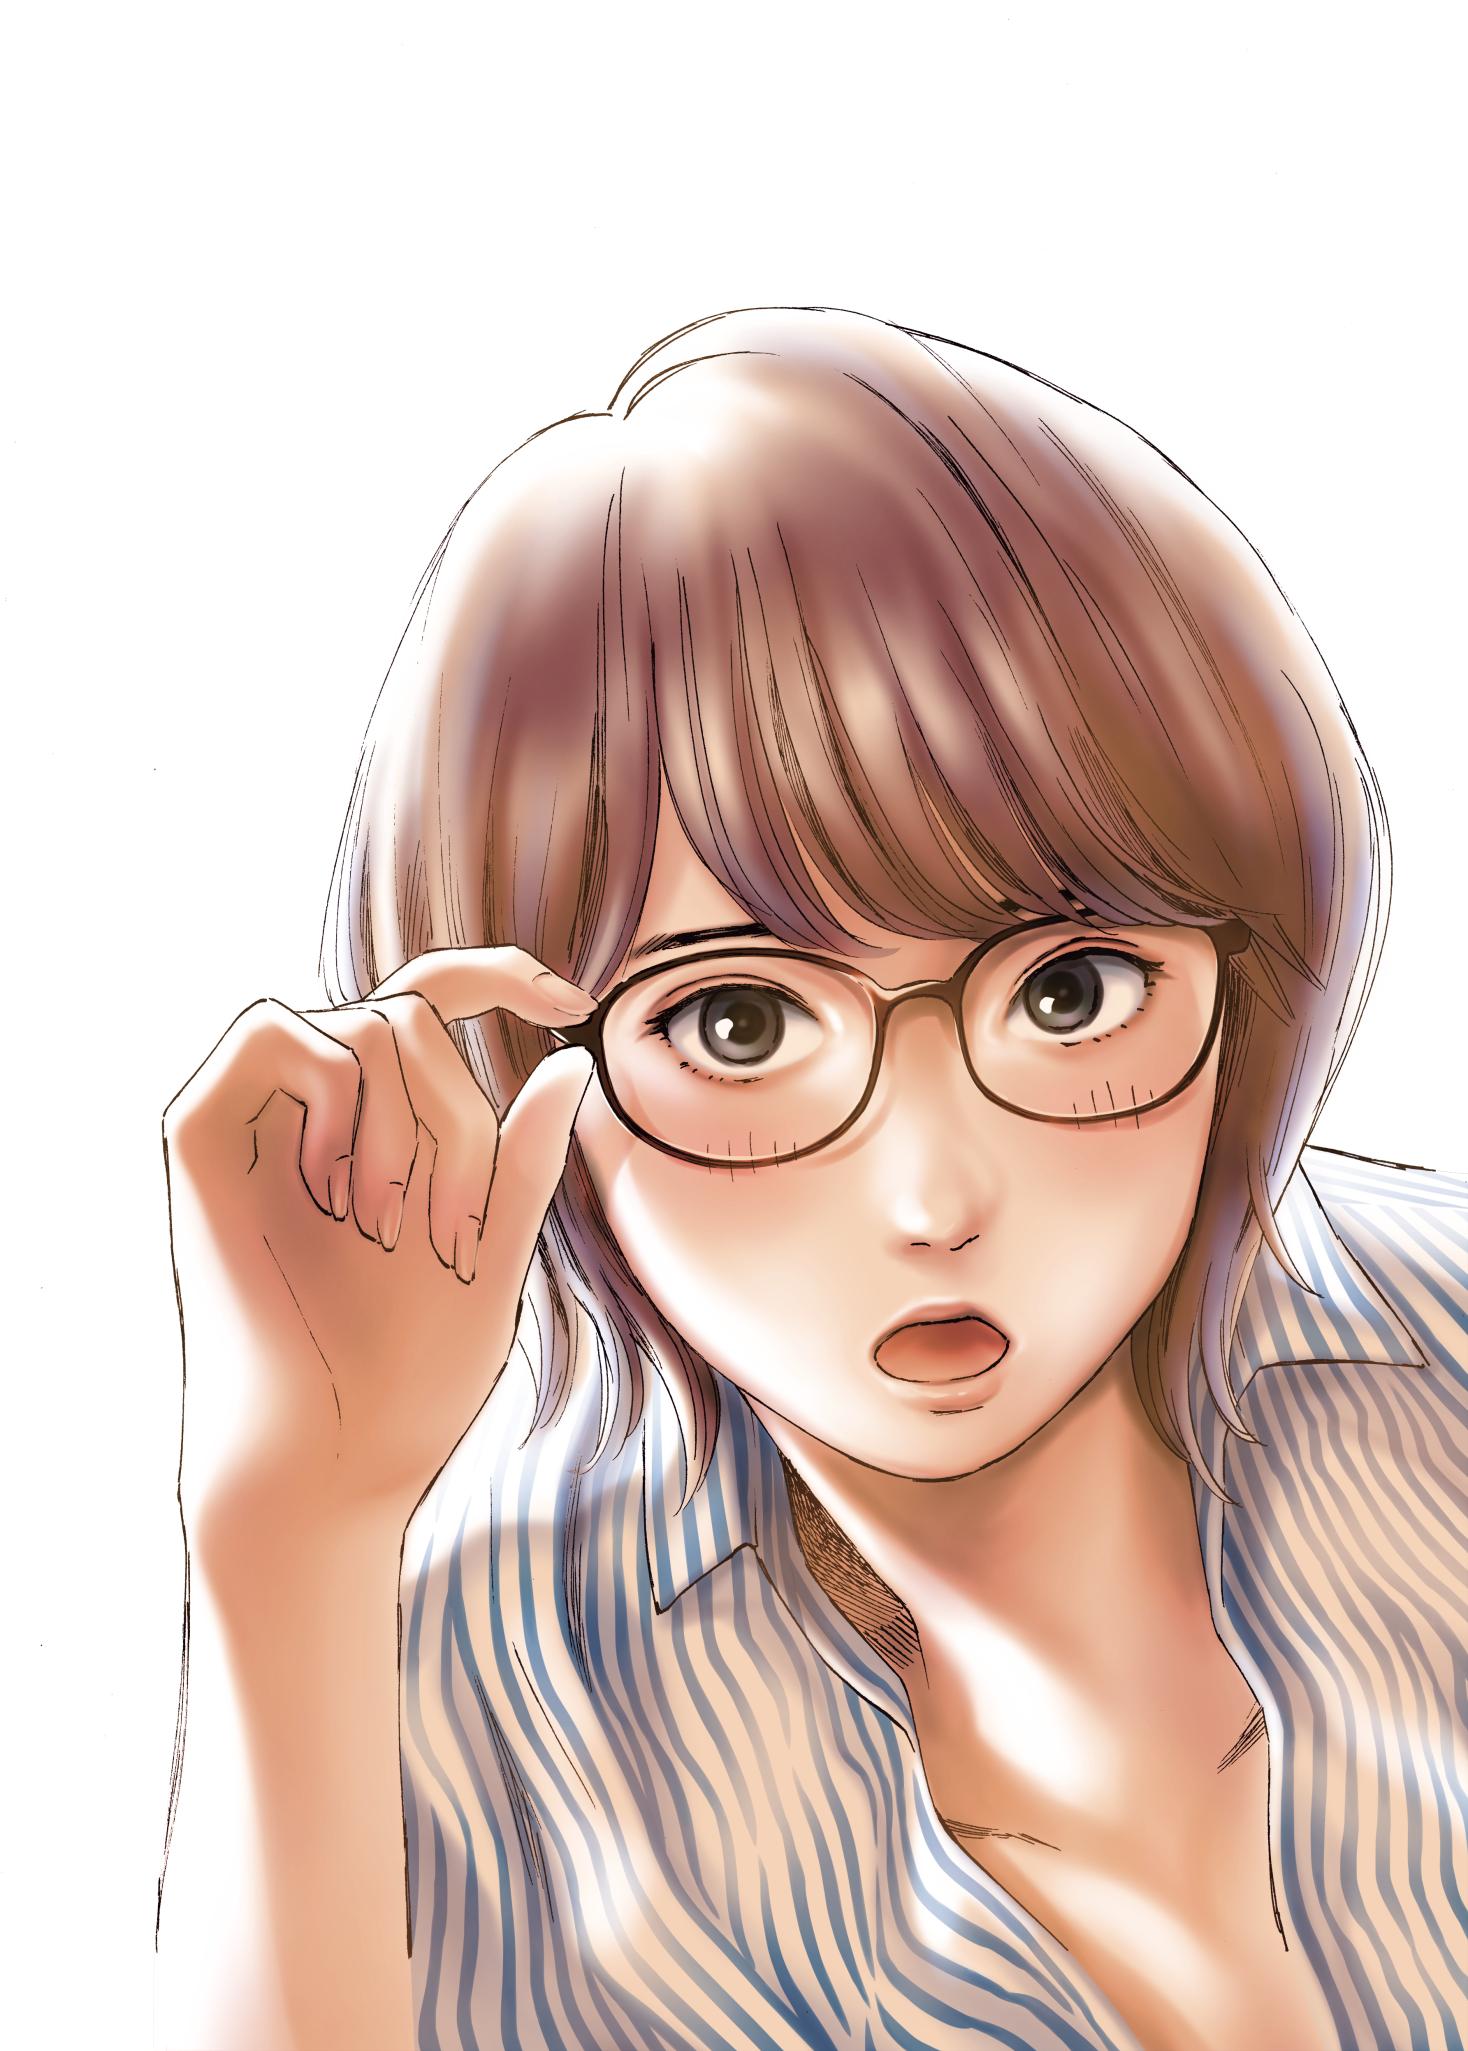 【インタビュー】青木U平先生の新連載始動!『マンガに、編集って必要ですか?』の魅力に迫る!